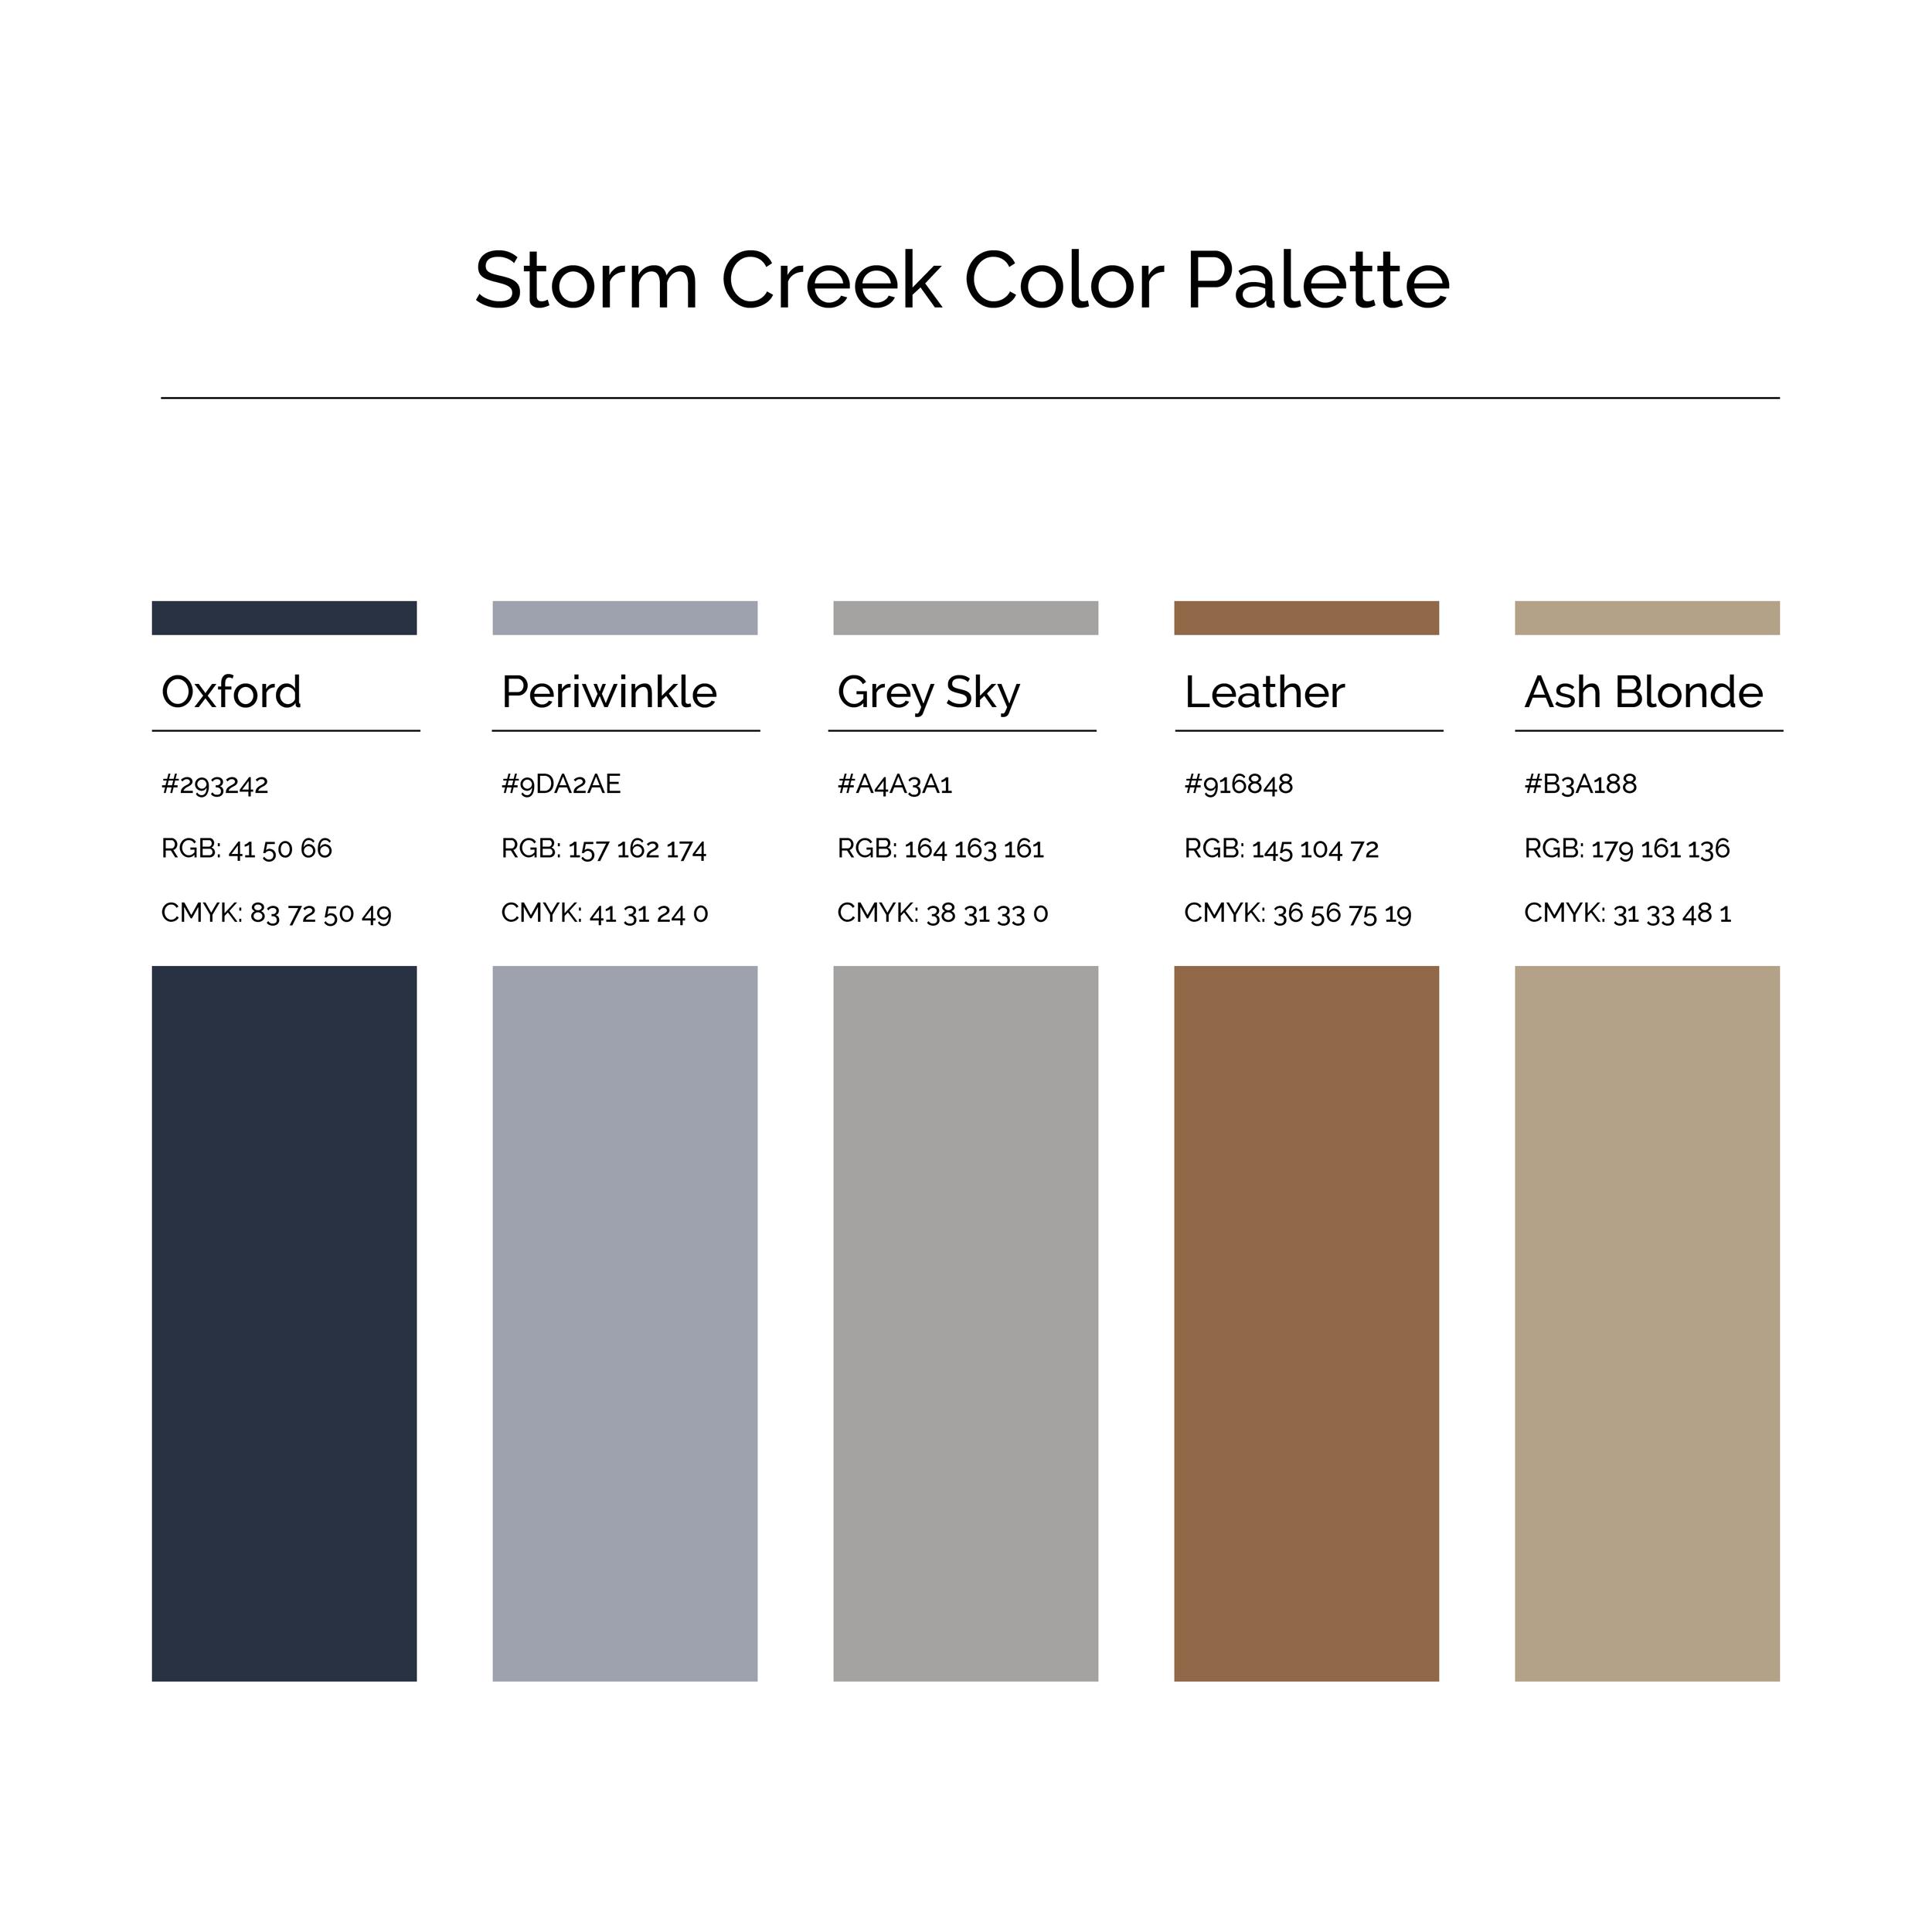 15 More Color Palettes | Storm Creek Color Palette